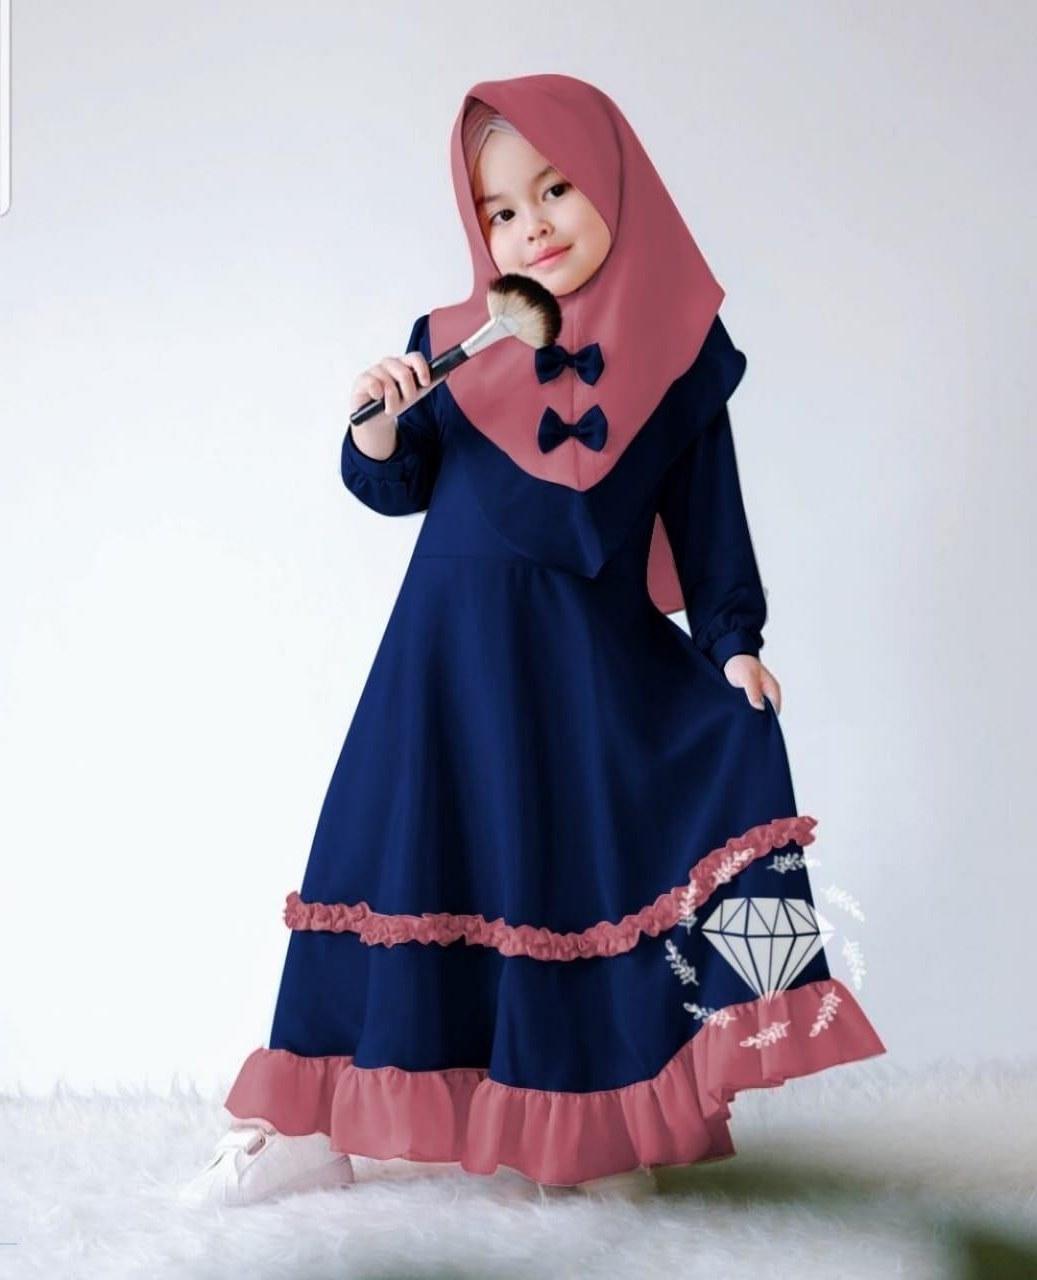 Inspirasi Baju Lebaran Anak Perempuan Umur 11 Tahun Whdr Model Baju Muslim Anak Kecil Perempuan